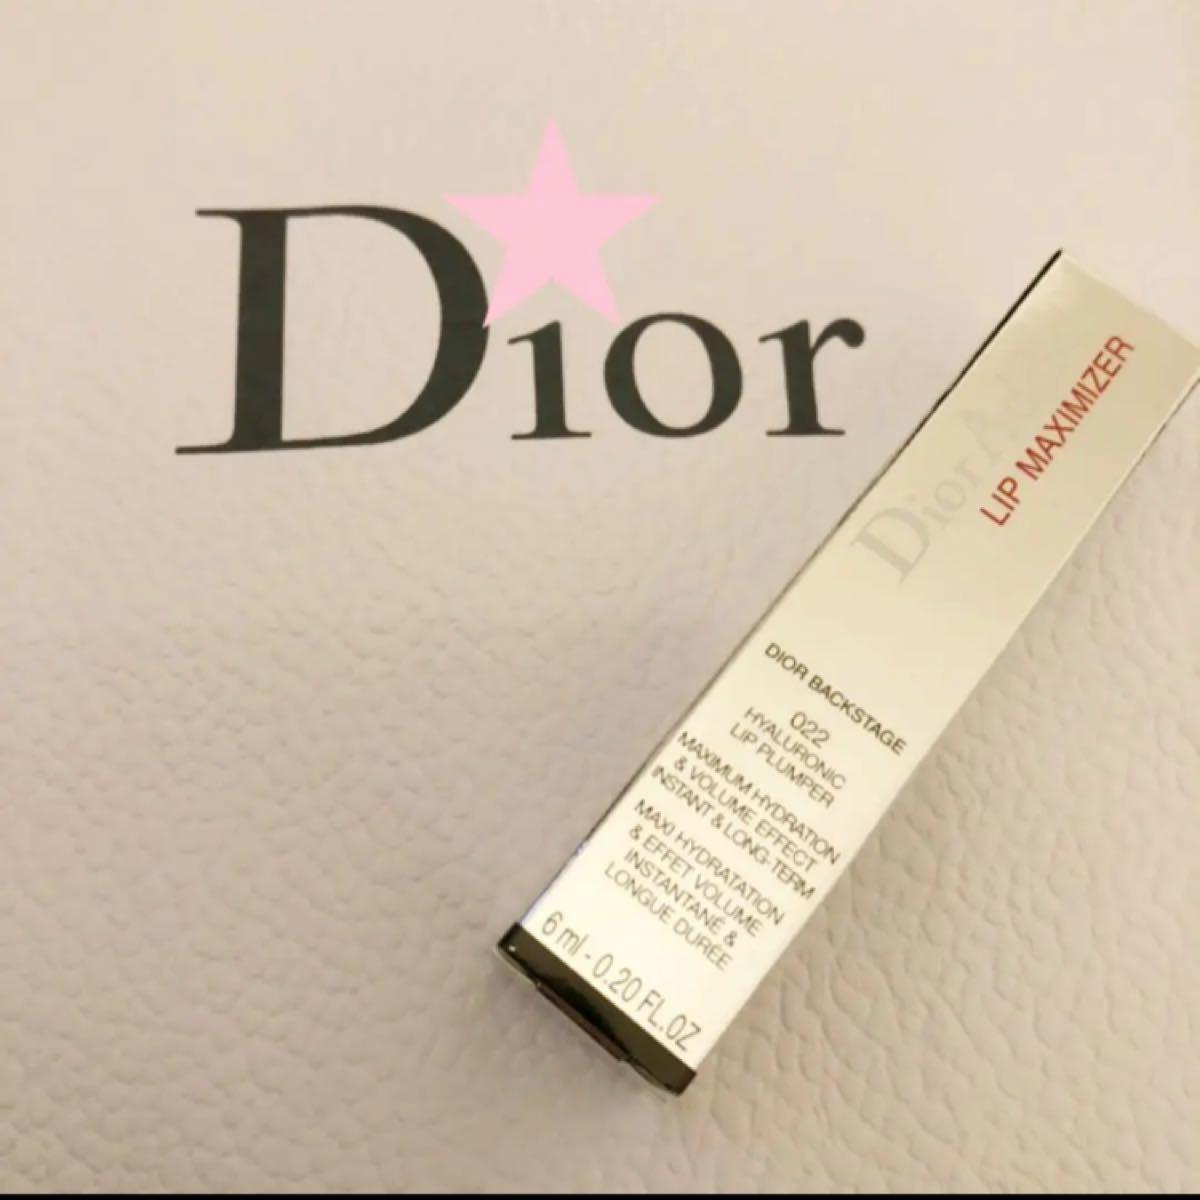 新品 Dior ディオール マキシマイザー #022 限定色 ウルトラピンク